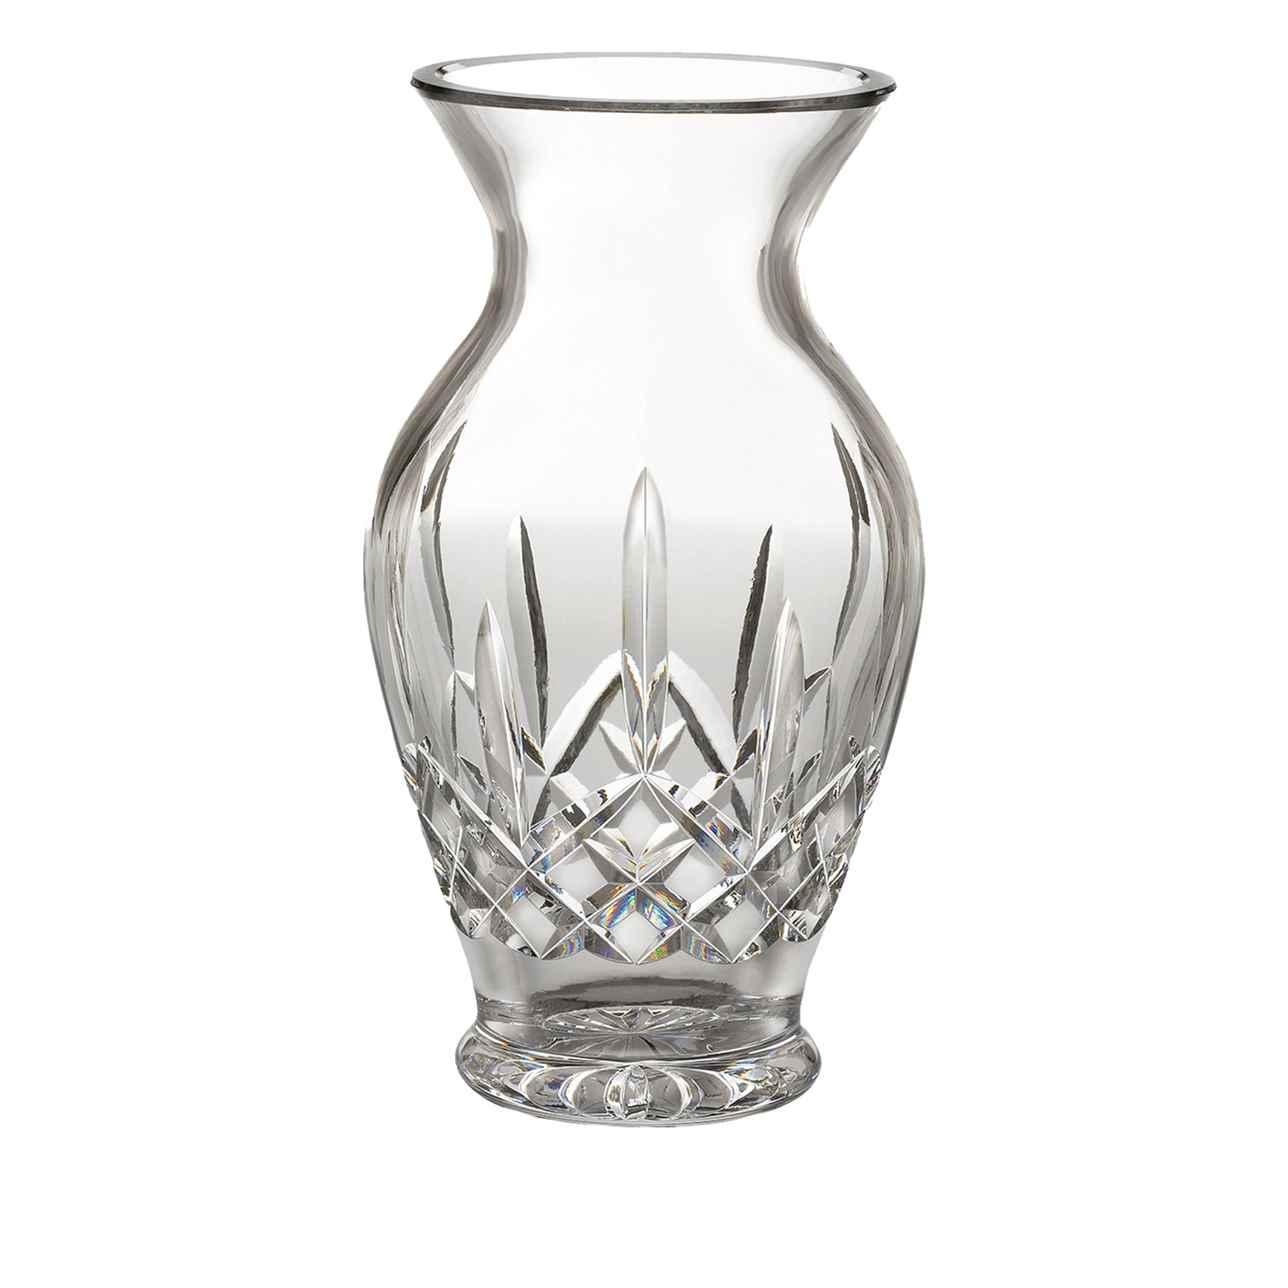 Lismore 25cm Vase